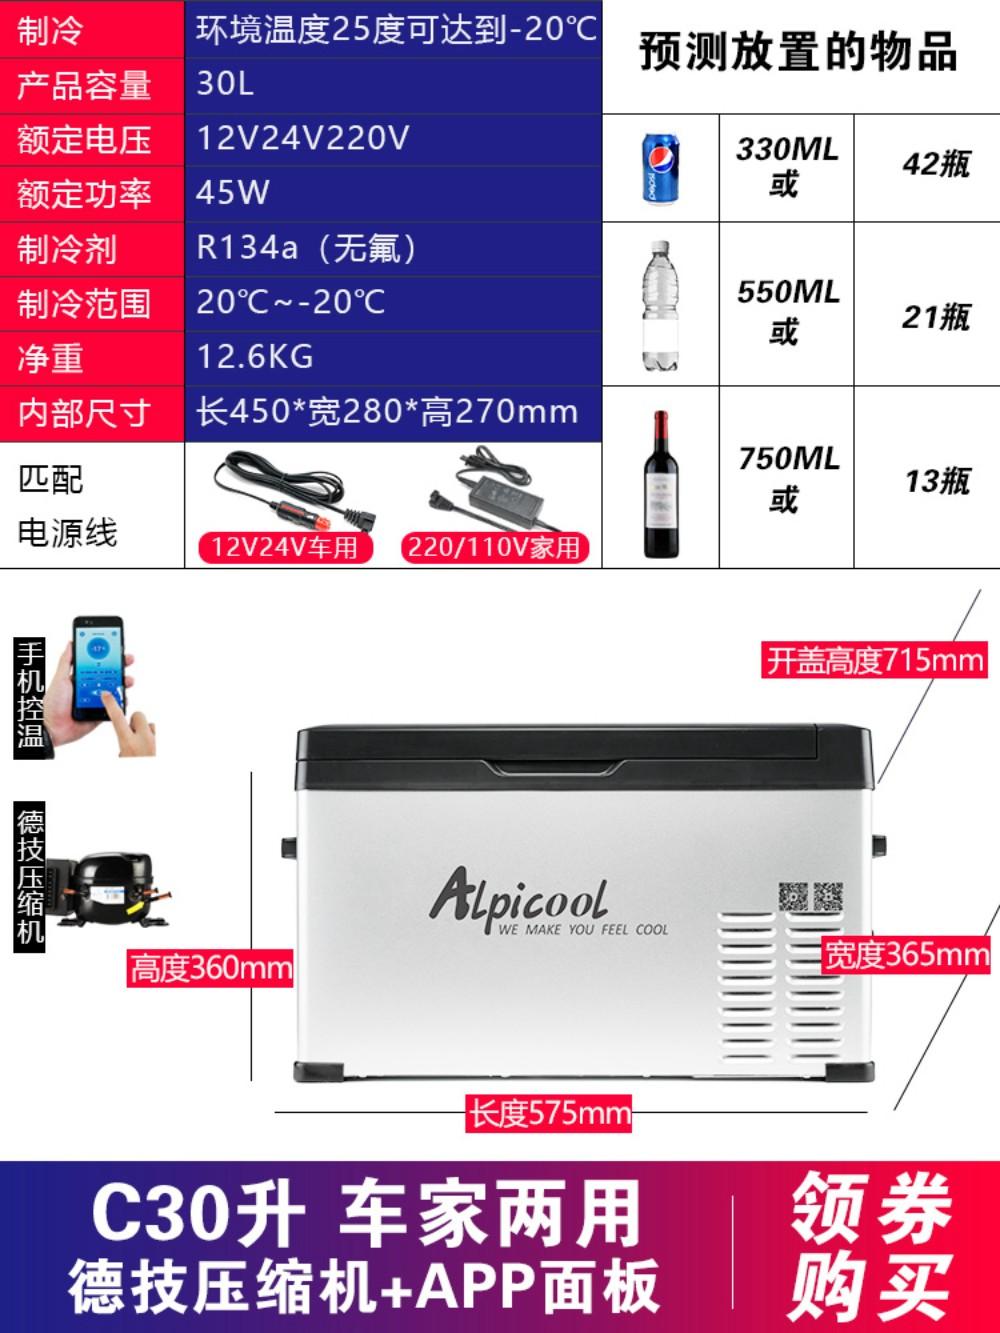 로얄팡 알피쿨 차량용 캠핑 냉장고 냉동고 전기 아이스박스 T36 T50 T60, C30